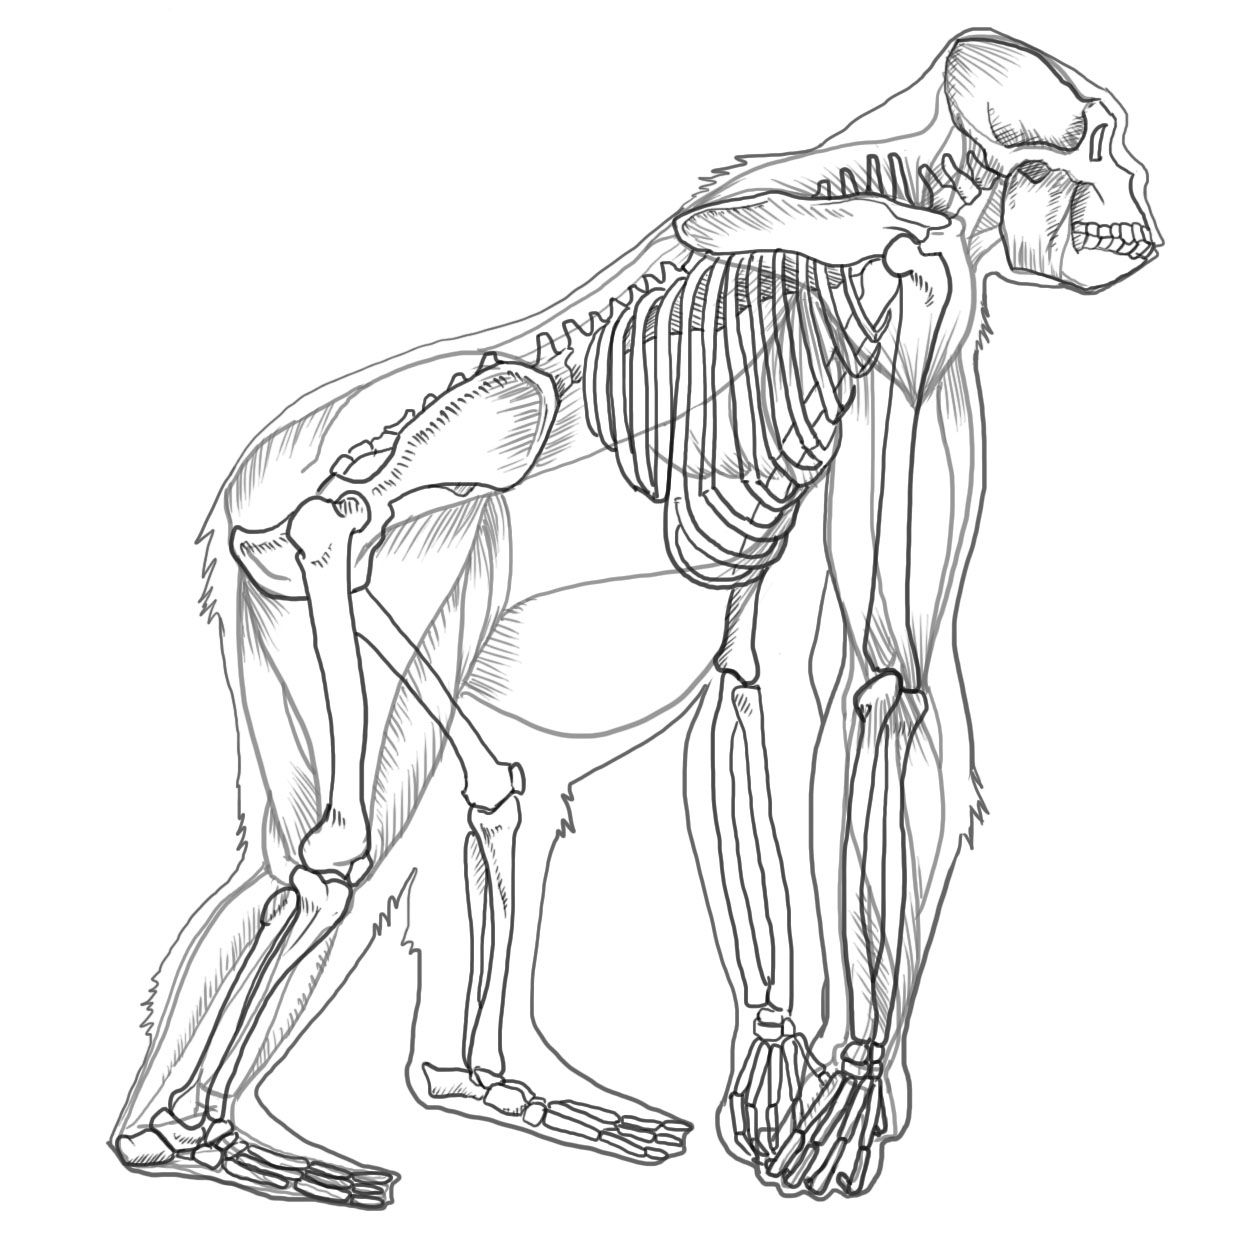 gorilla.jpg] | animal anatomy | Pinterest | Animal anatomy, Anatomy ...